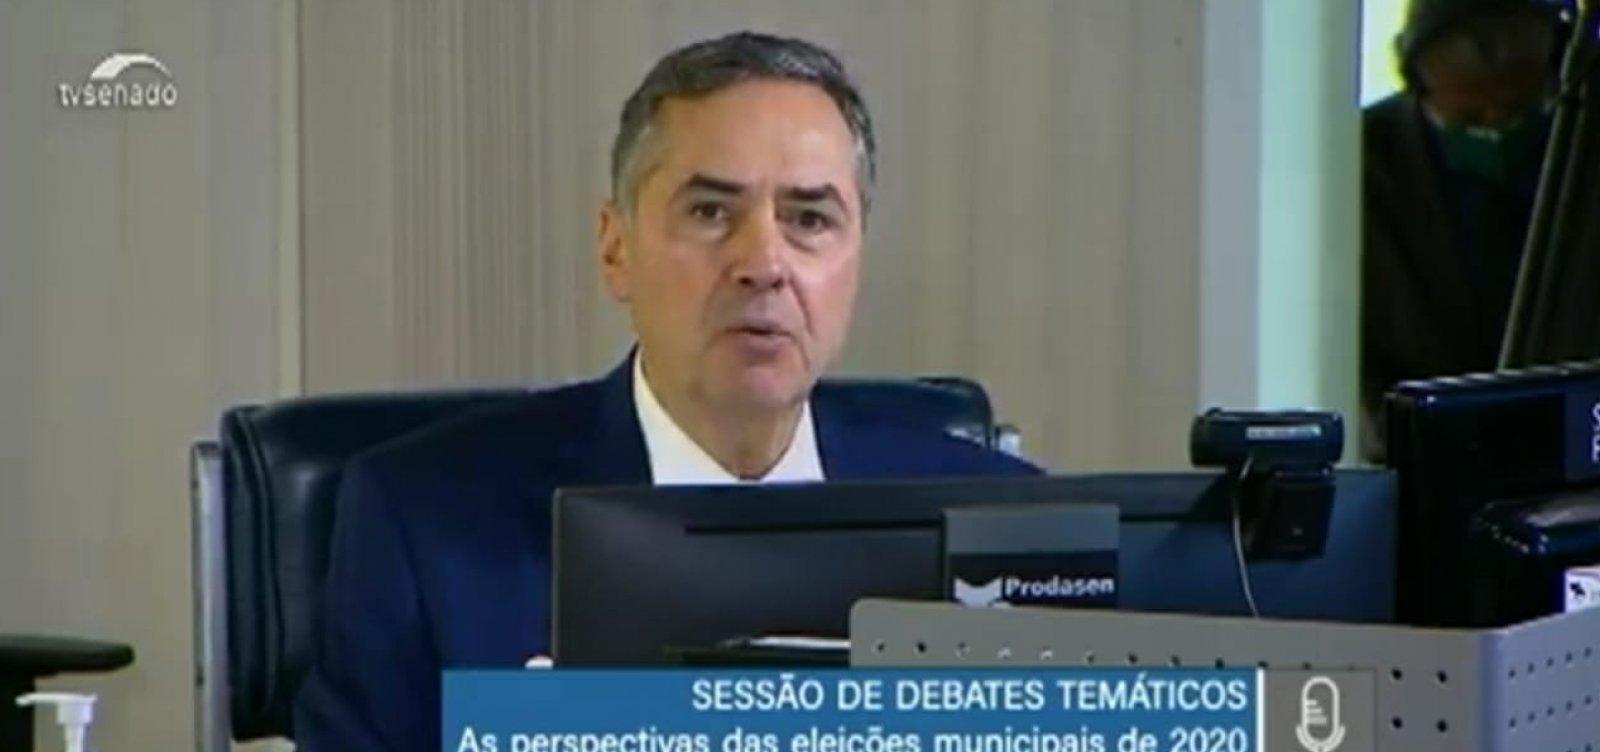 [Eleições municipais: Barroso não apoia voto facultativo em razão do coronavírus]